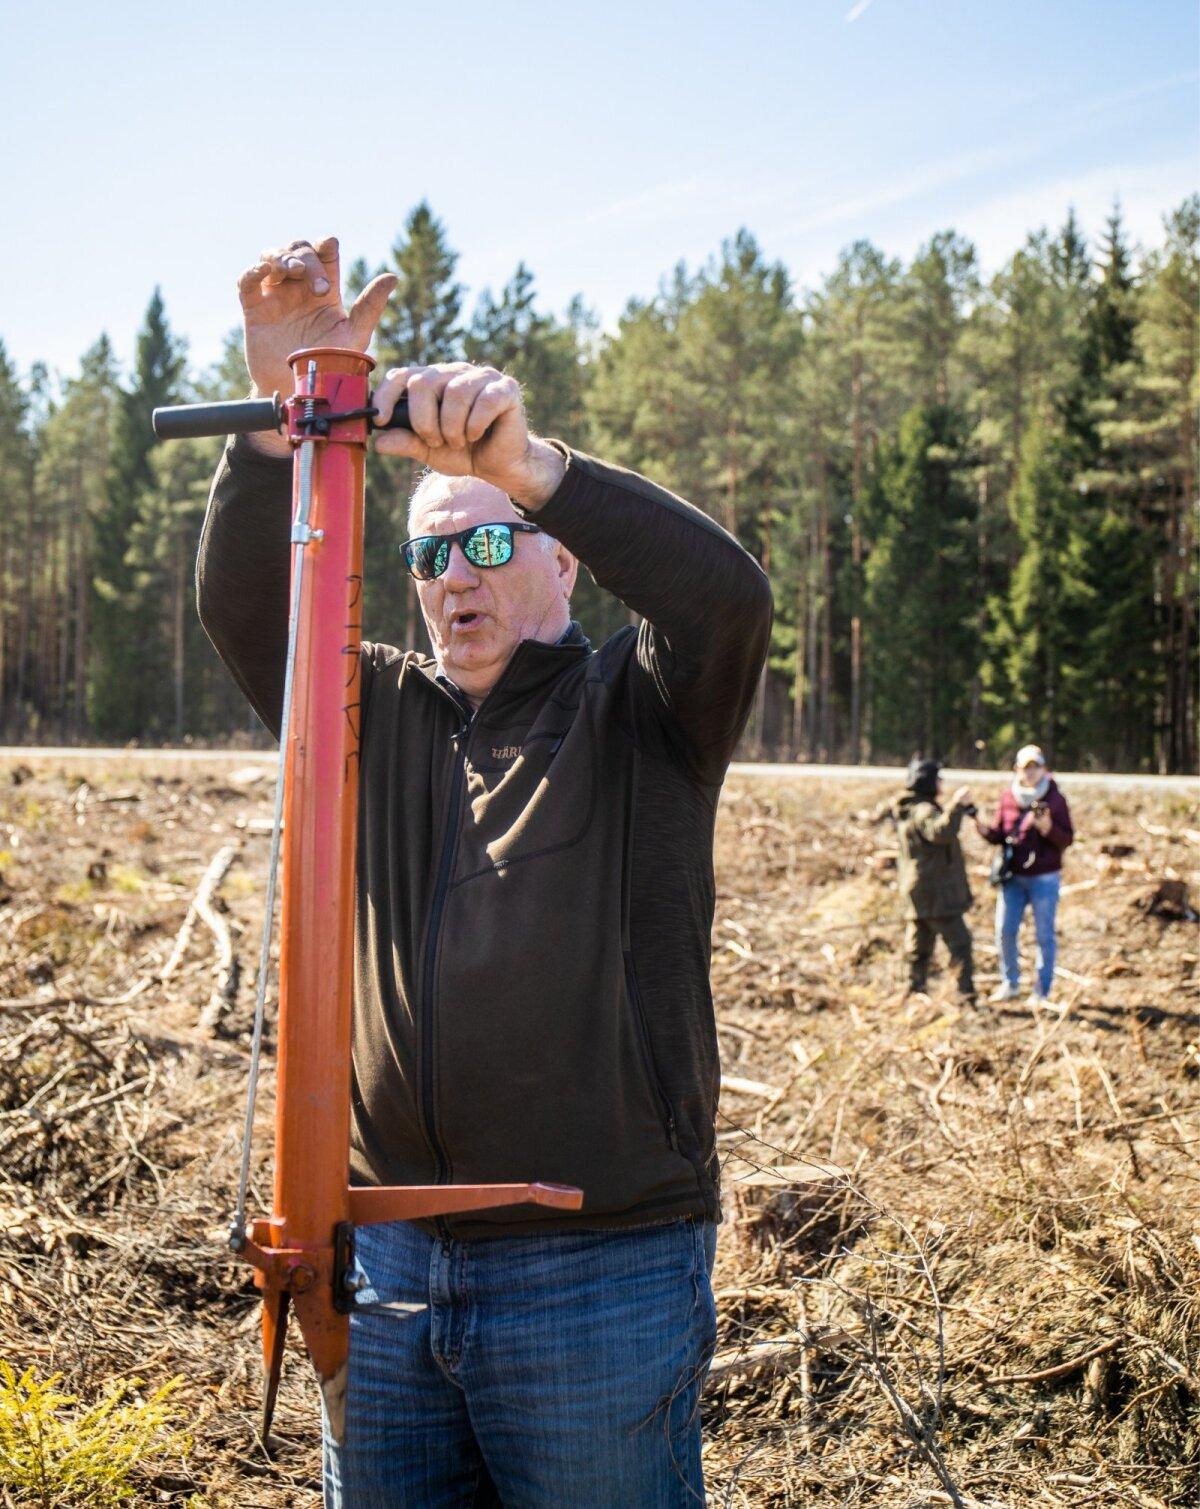 Руководитель по лесоразведению северо-восточного региона RMK Ильмар Паал показывает, как работать с посадочной трубой.